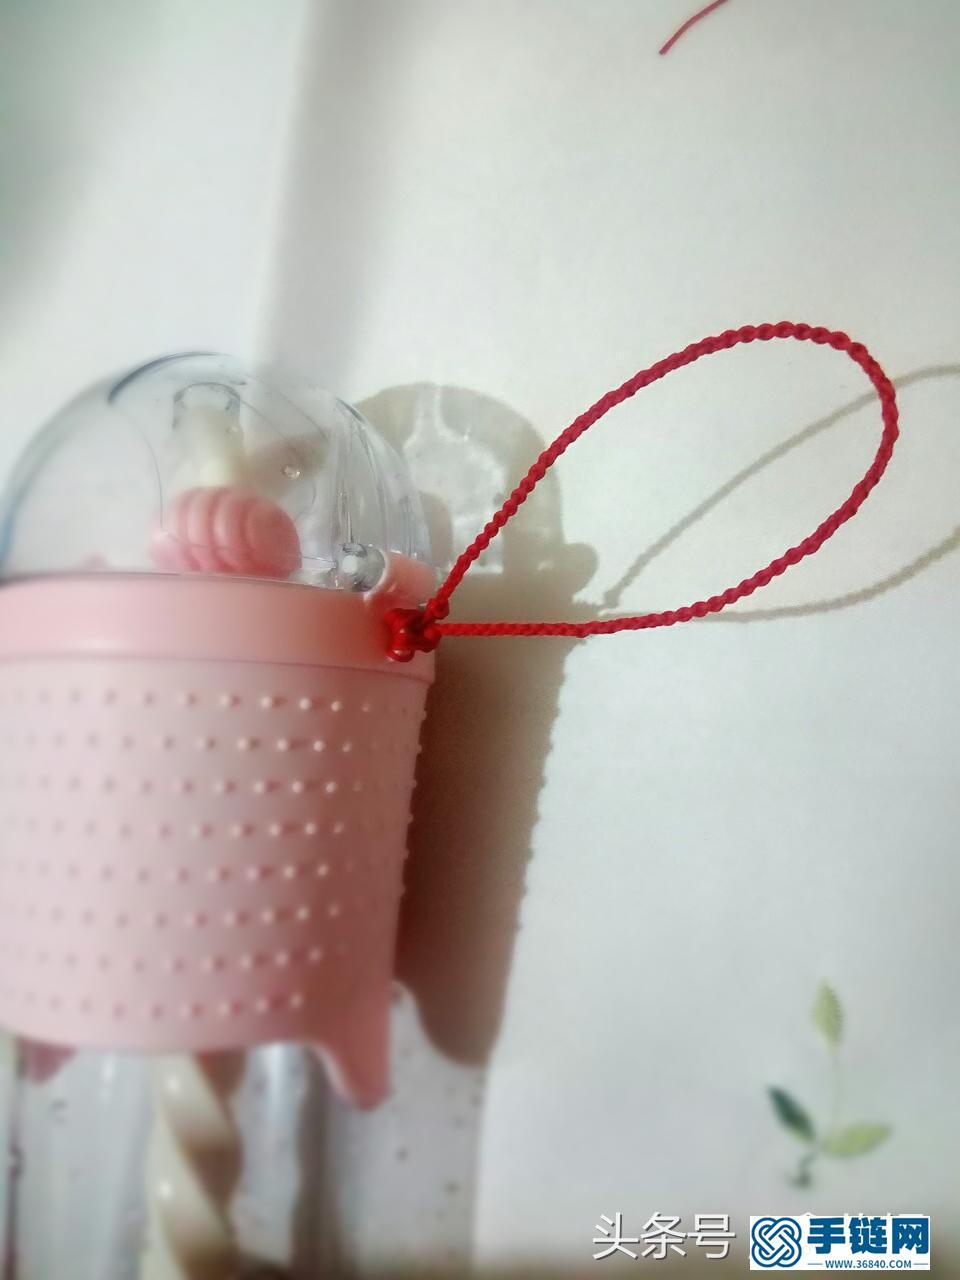 杯子挂绳编法图解,教你简单水杯绳子如何编